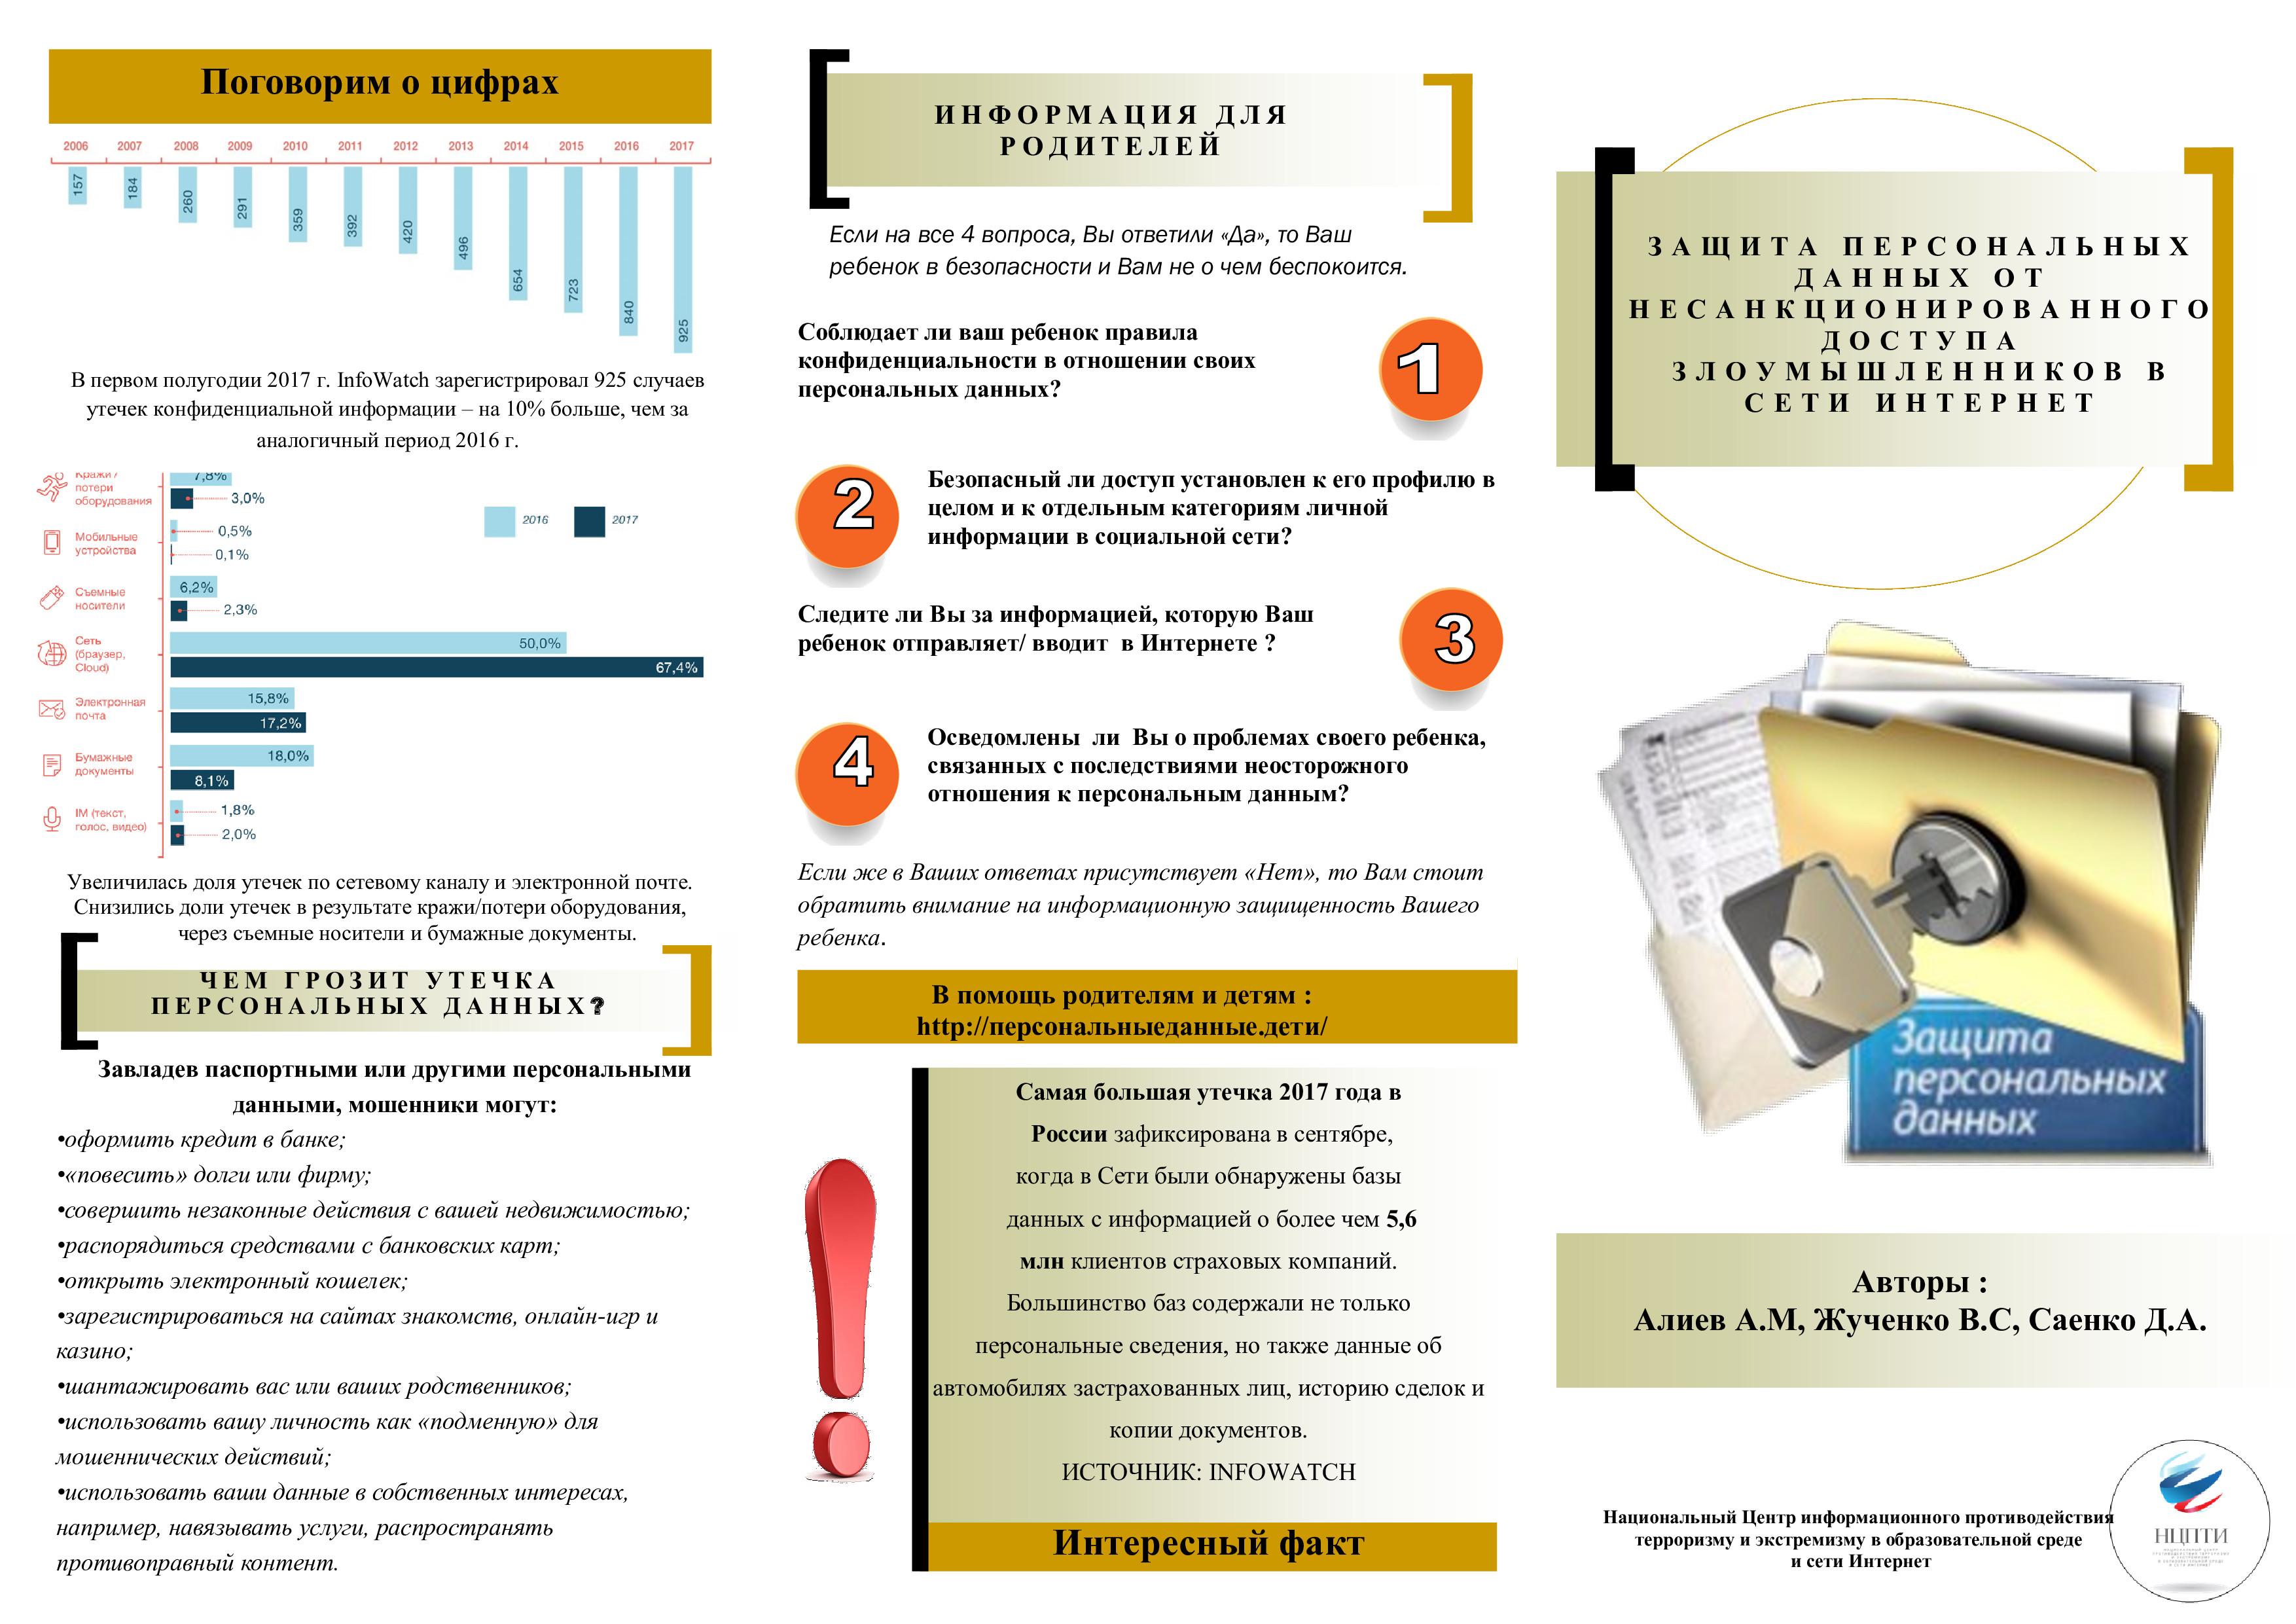 паспортные данные защита персональных данных